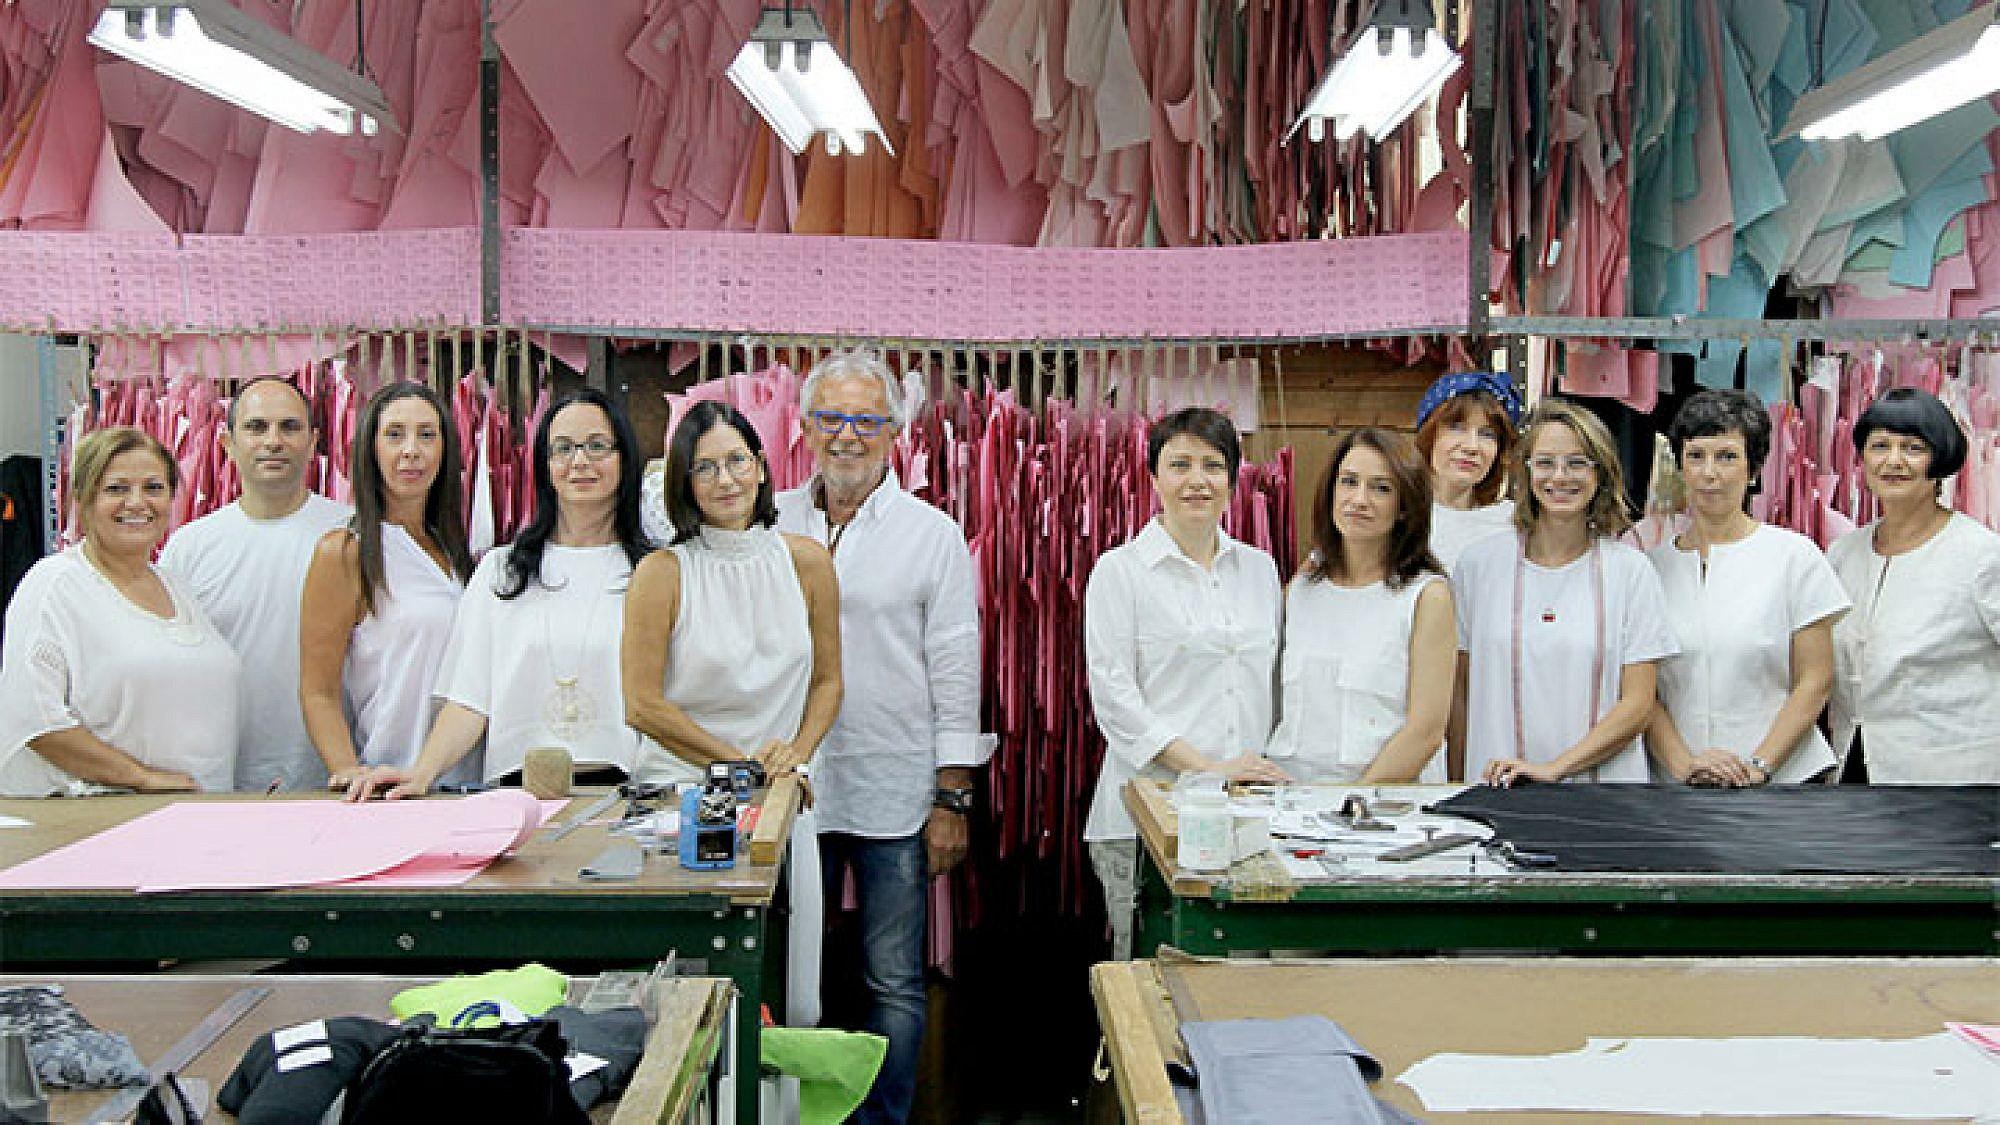 בית האופנה של גדעון אוברזון לובש גדעון אוברזון | צילום: נועה יפה | ניהול קריאייטיב: טל קליינבורט | איפור: ליאור לרר, מורן דוידוביץ'